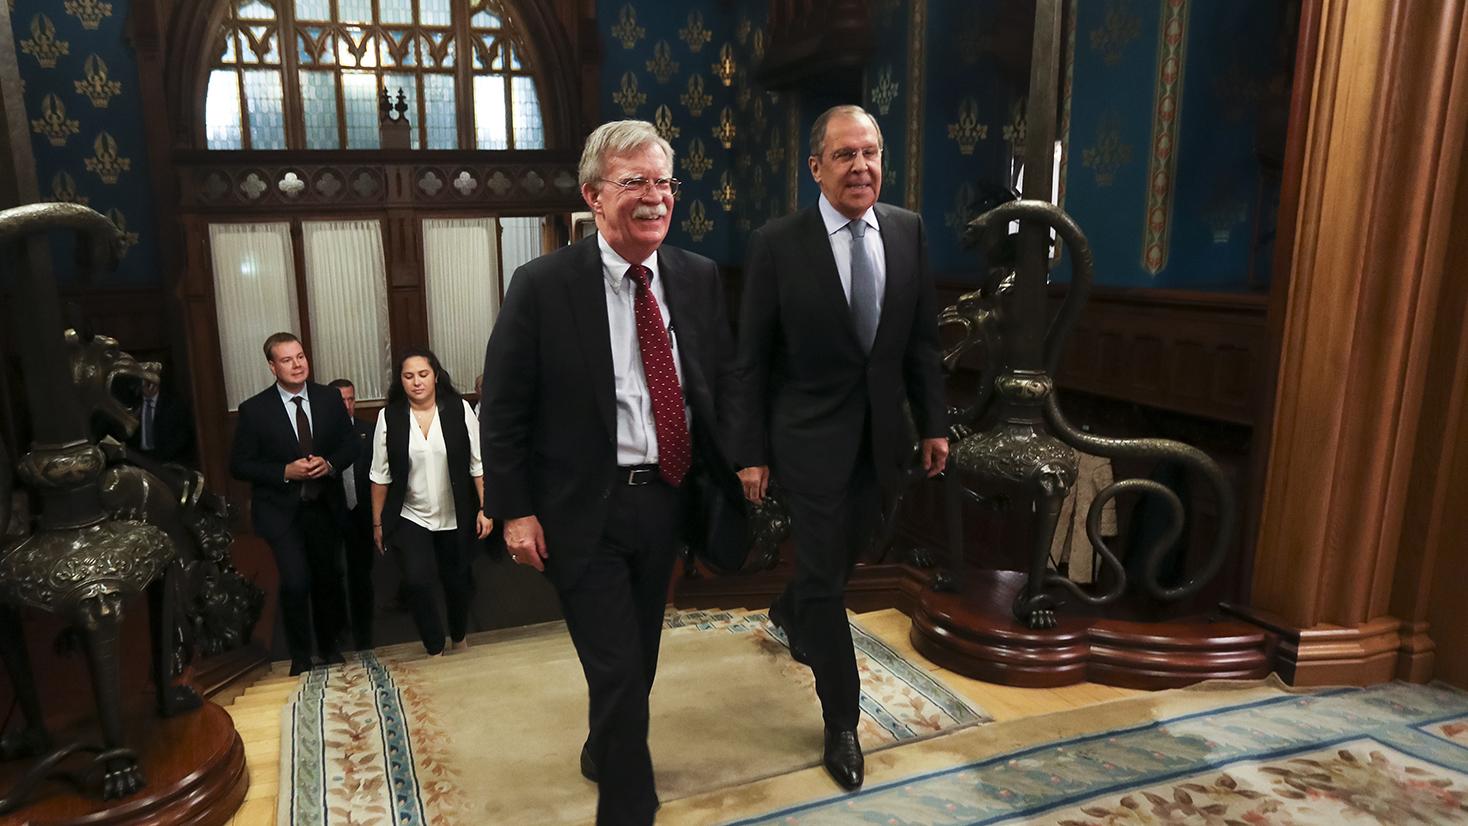 俄罗斯外交部长拉夫罗夫(Sergey Lavrov,图右)去年10月会见美国国家安全顾问波顿(John Bolton,图左)时说,俄方争取与美国签署一个「有关战略性稳定的新条约」,而且没有公开反对美国提出的多边军控机制。(AP)